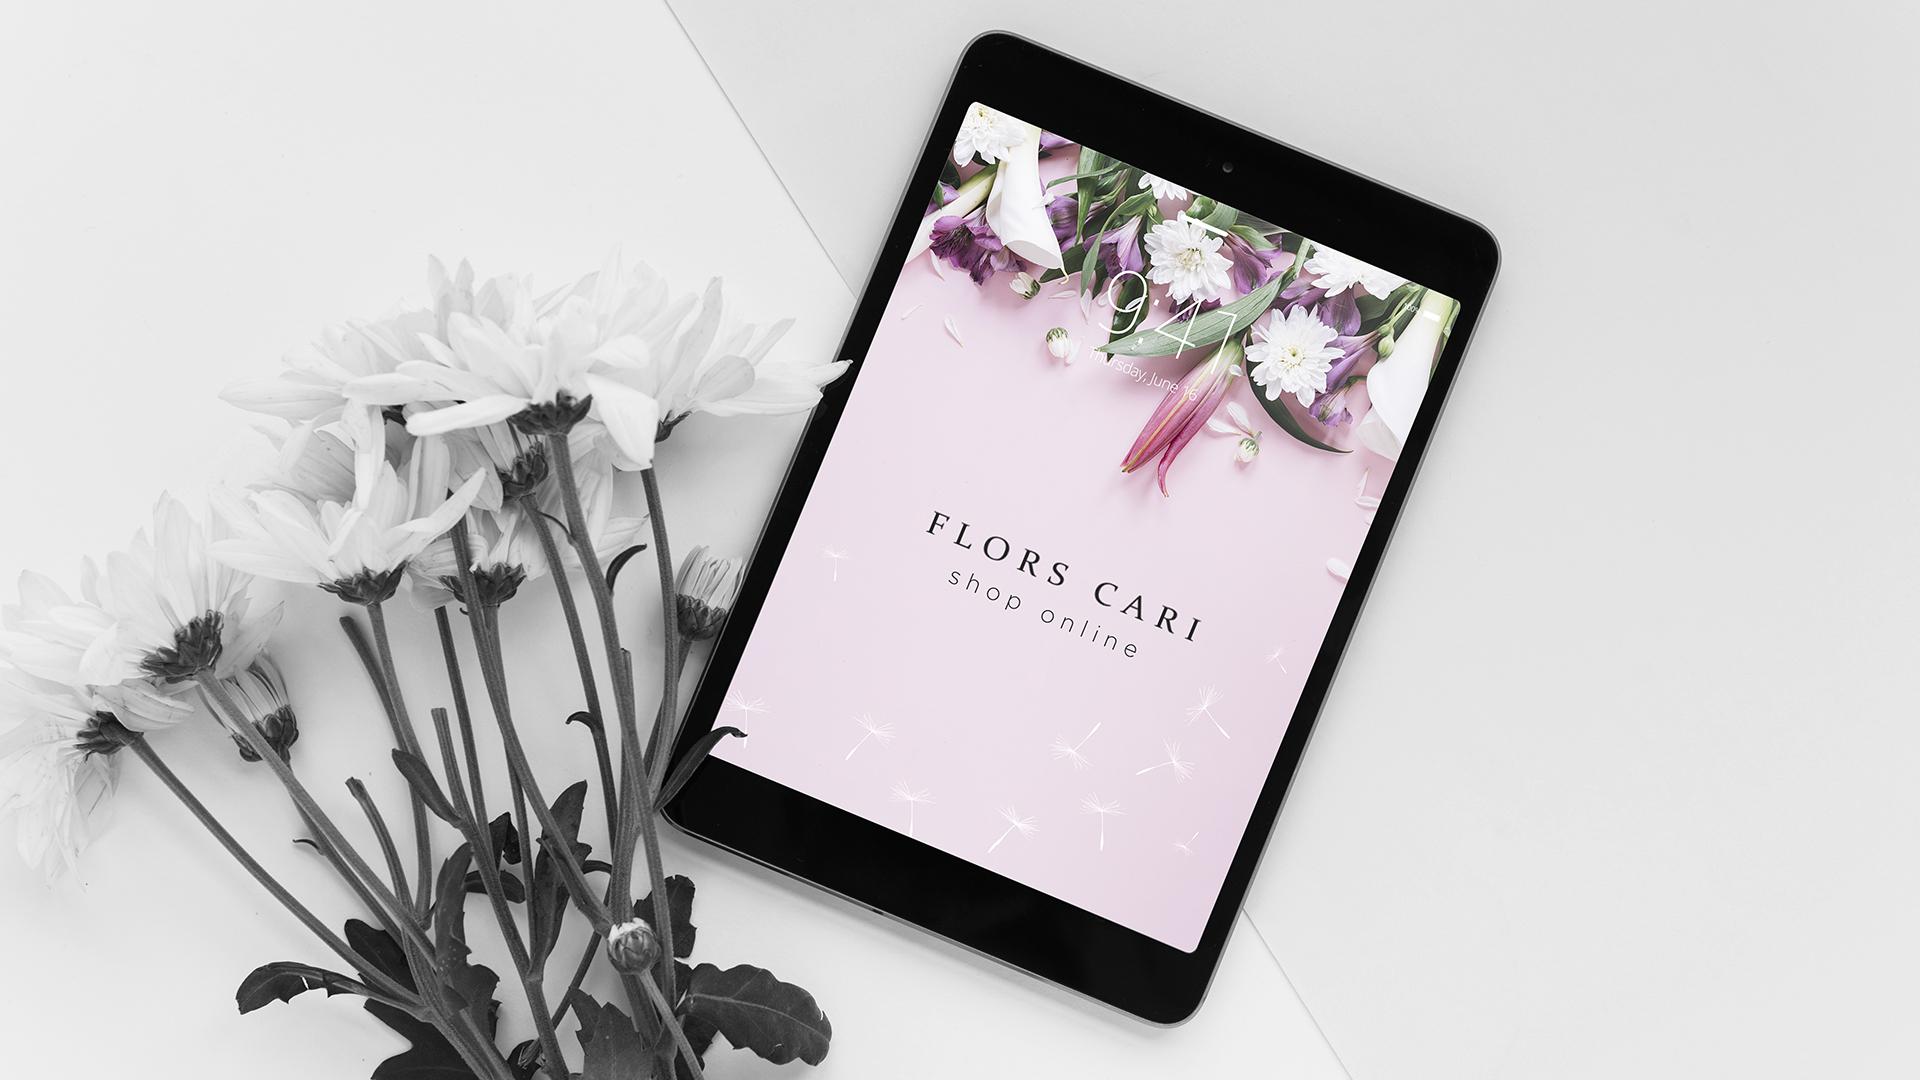 Shop online Floristería Cari byn_1920 x 1080